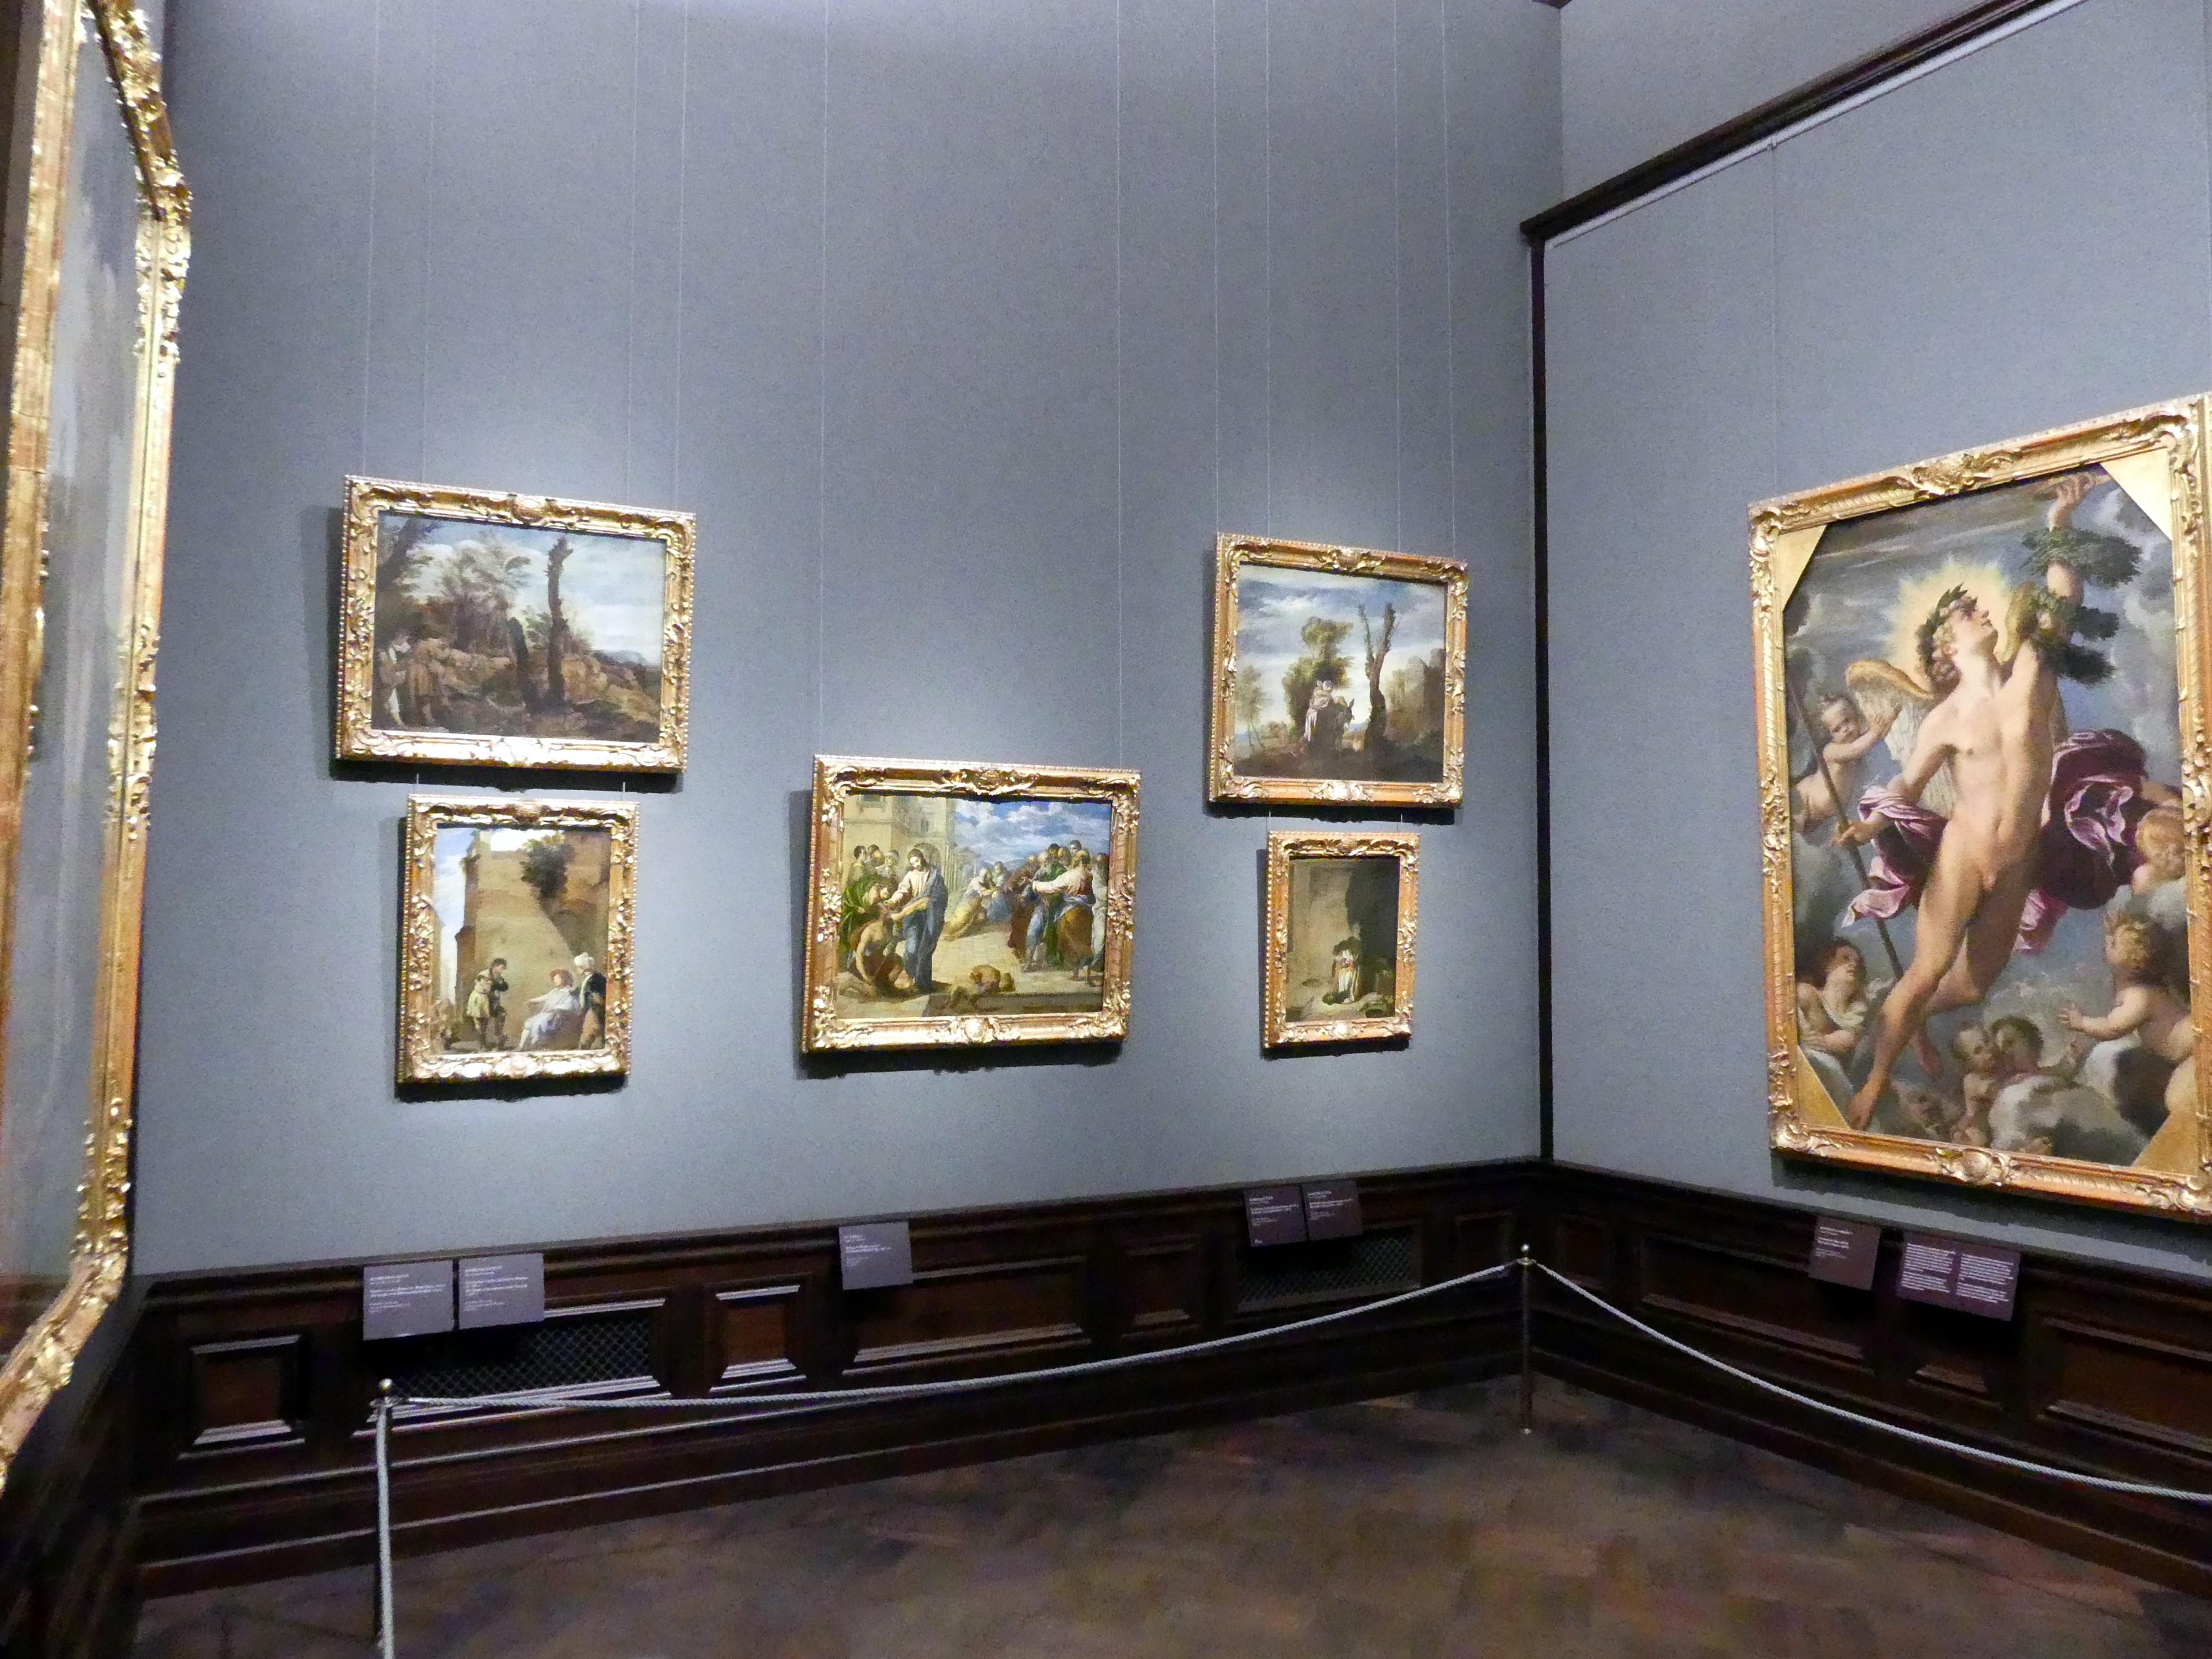 Grossbild Italienischer Maler Des 17 Jahrhunderts Portrat Eines